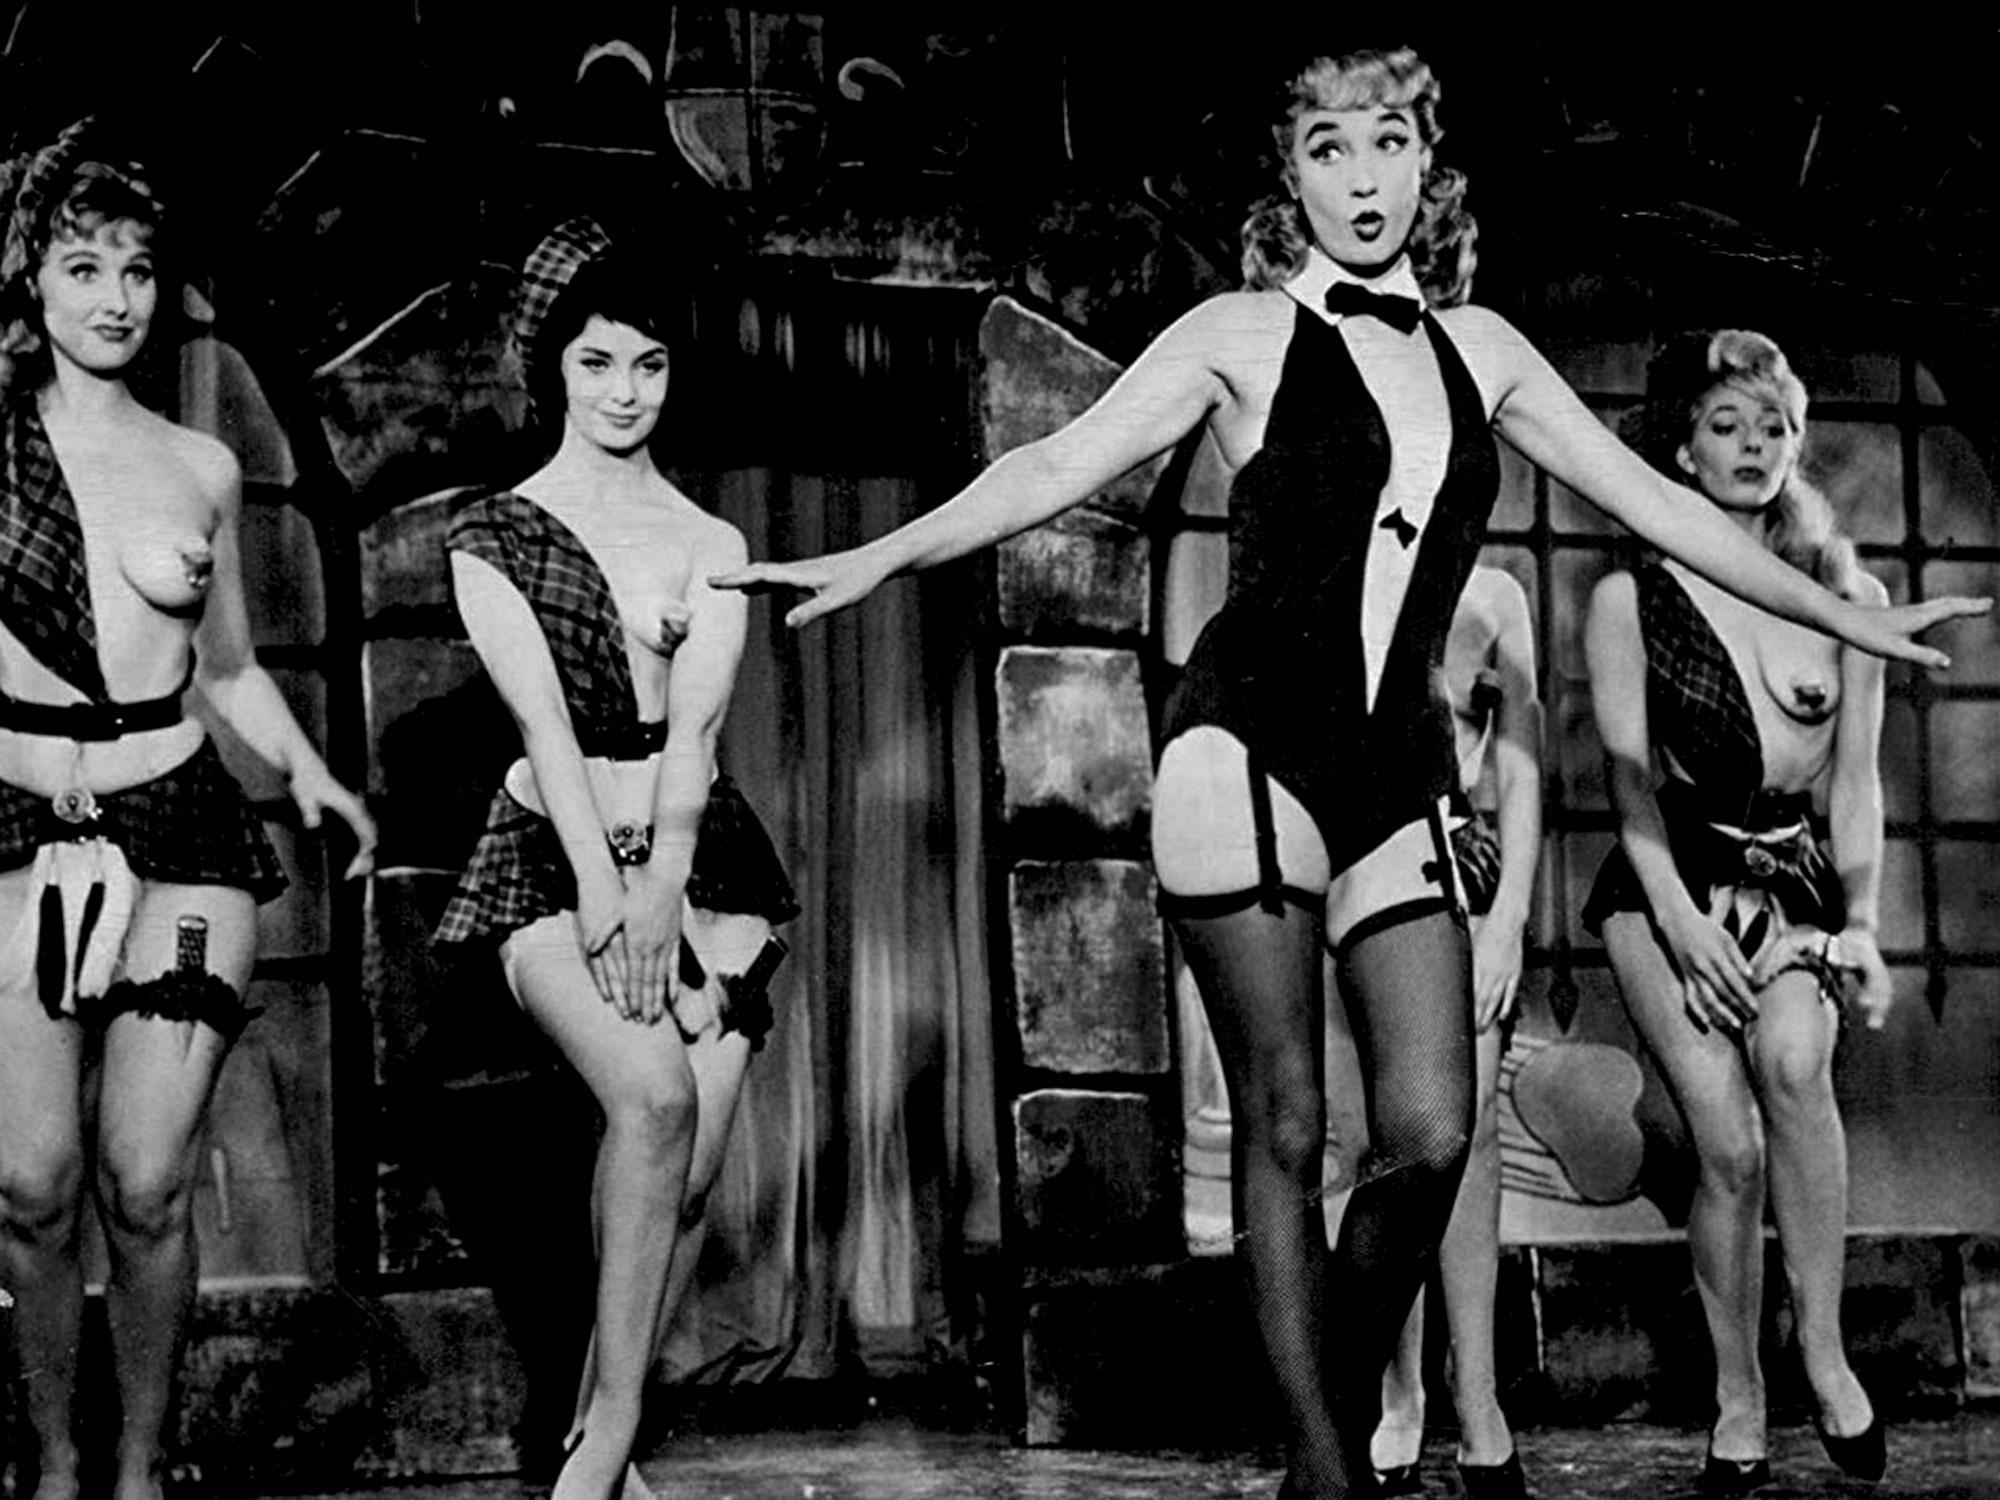 Milk bars, jazz and showgirls: The intoxicating world of Expresso Bongo, Wustoo